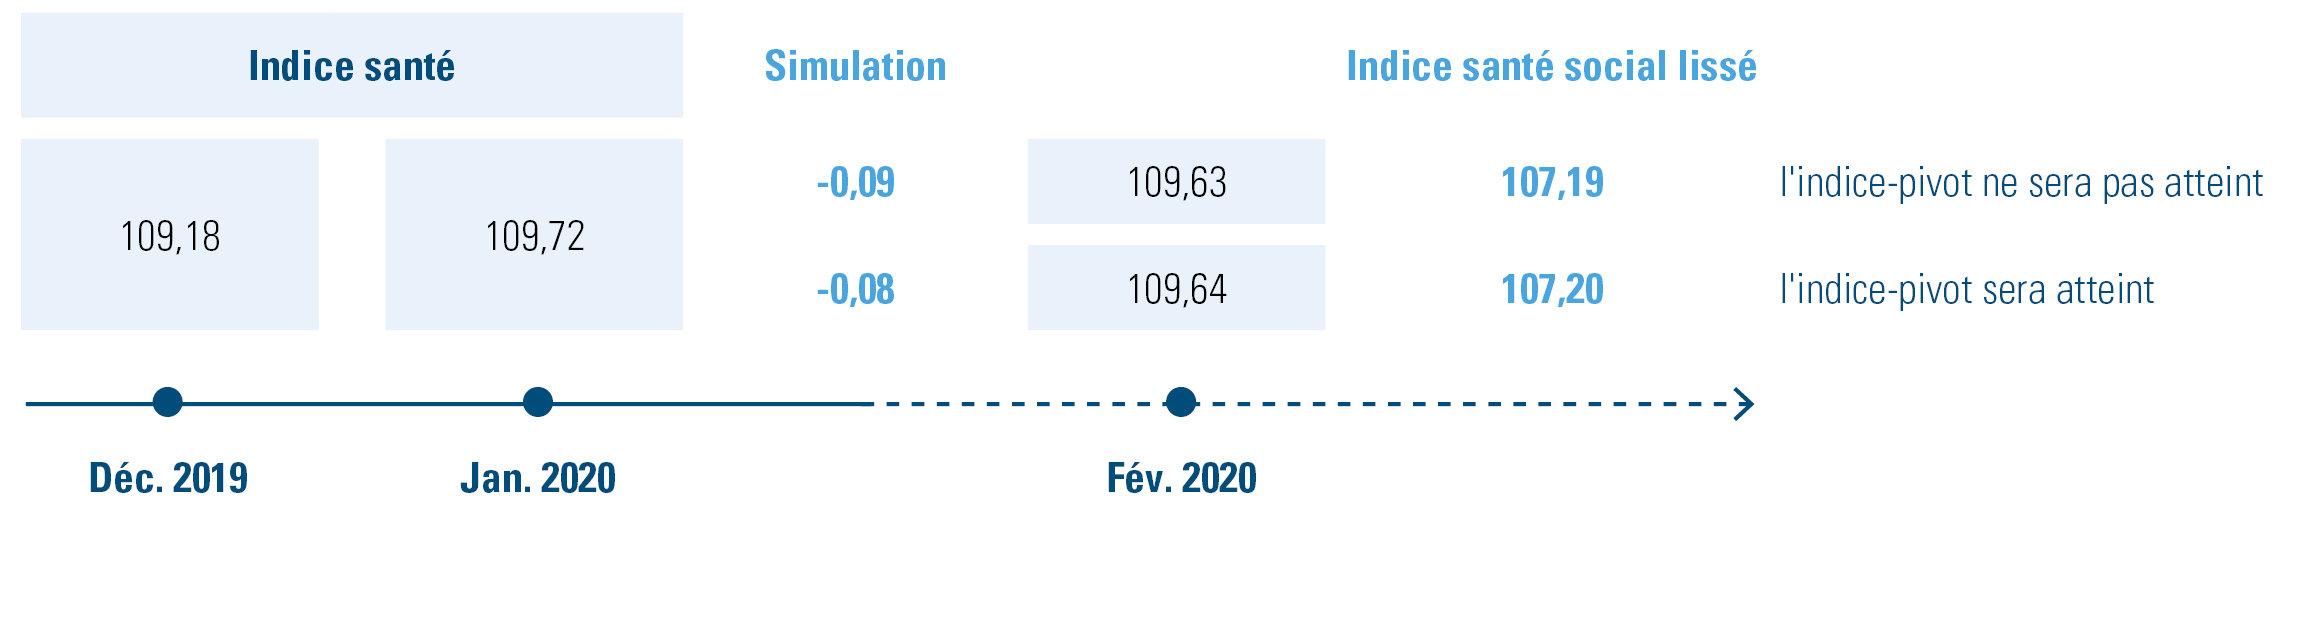 Simulation de l'indice-pivot sur la base de l'indice santé de janvier 2020 et de l'indice santé social lissé